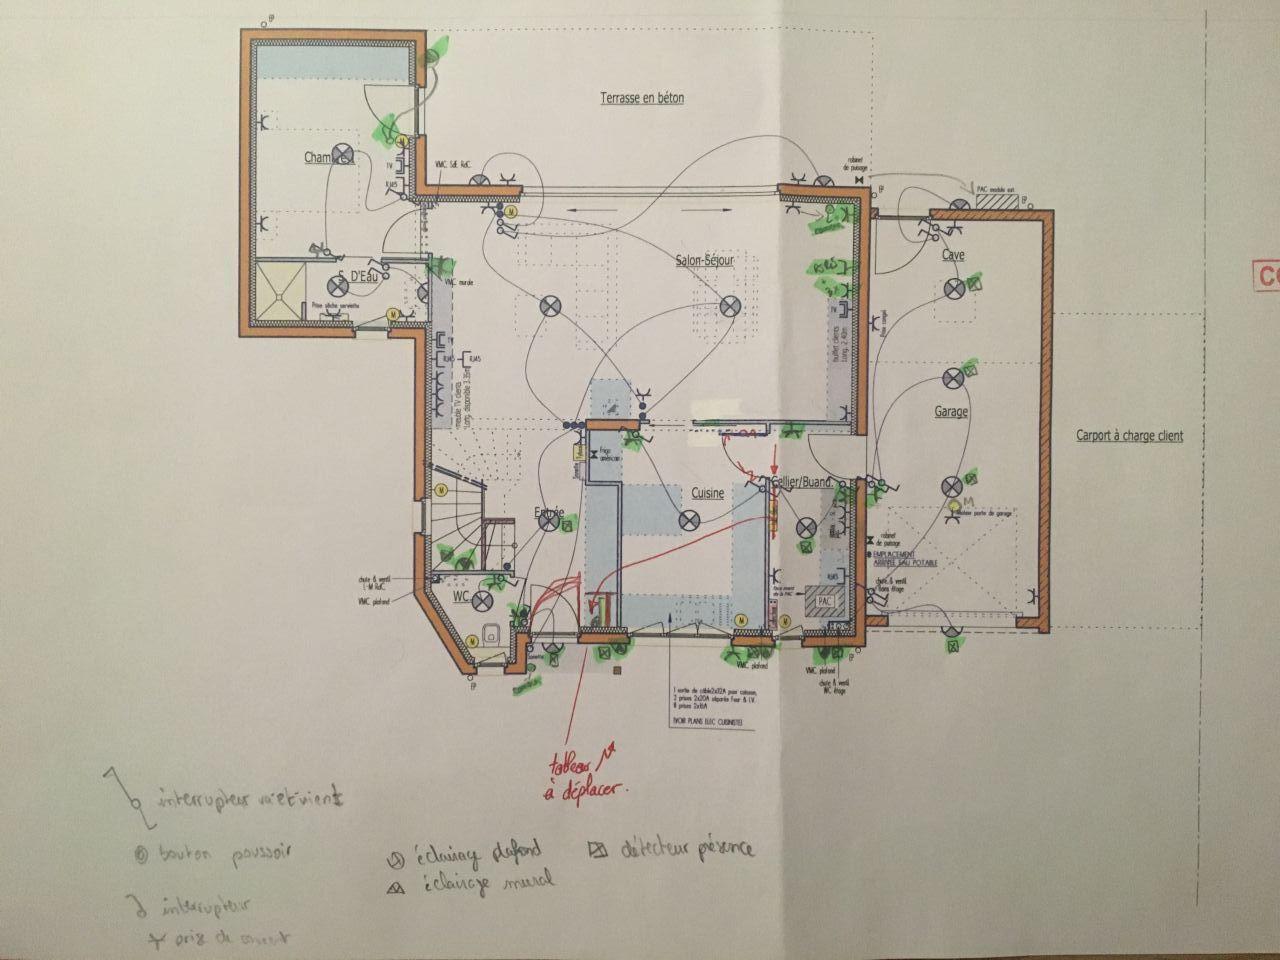 Plan électrique rdc - version 1